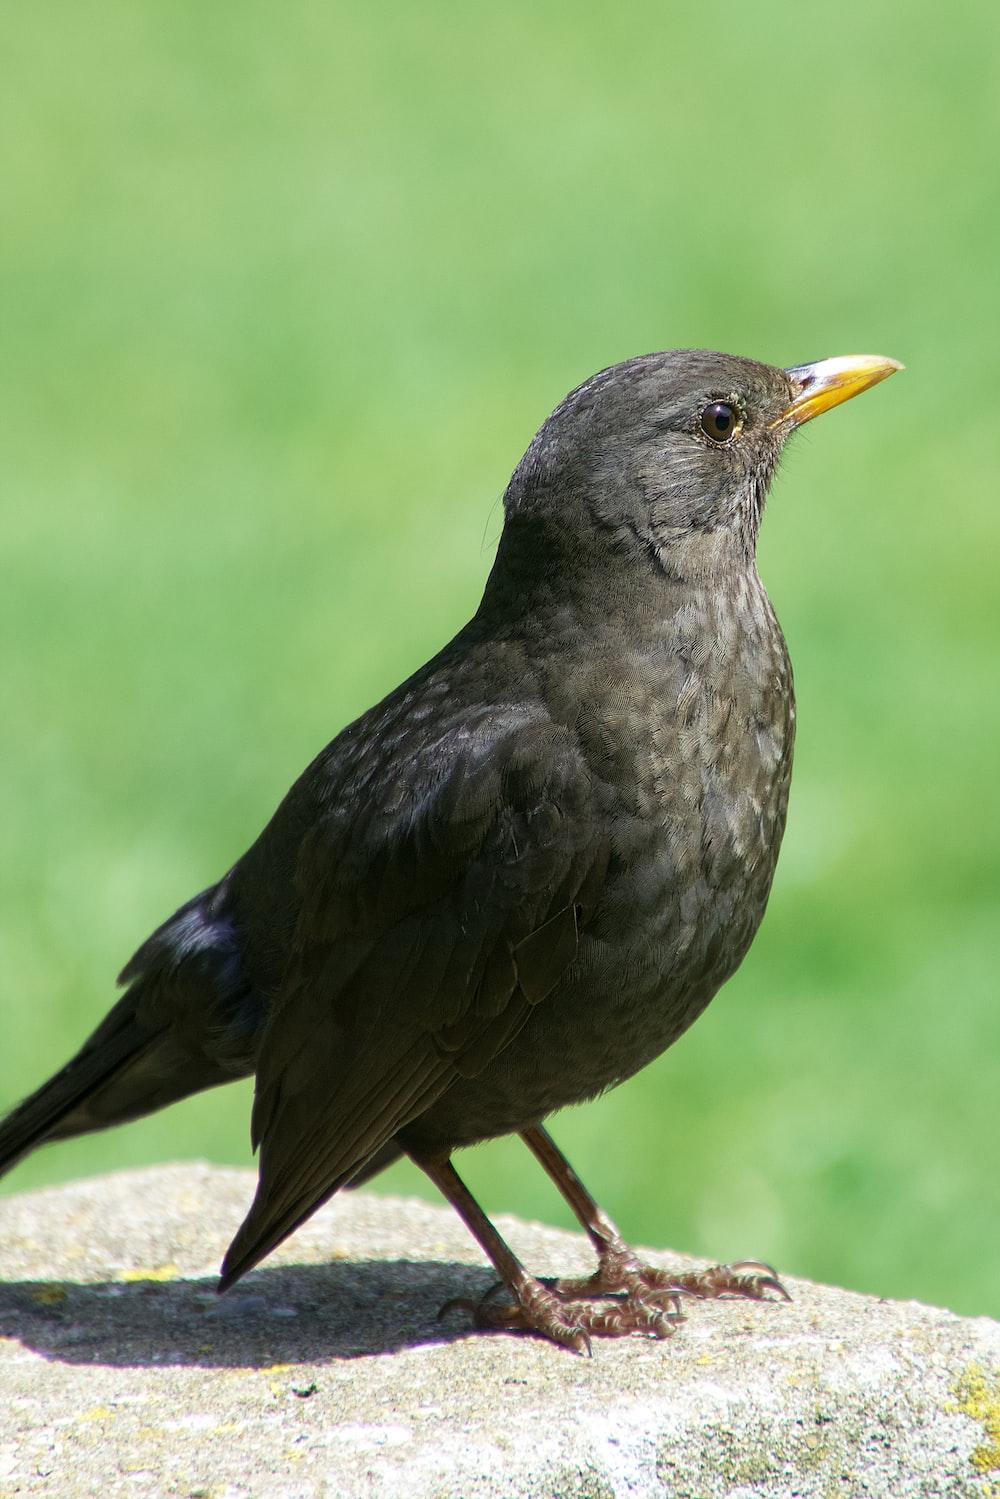 black bird on brown wooden stick during daytime